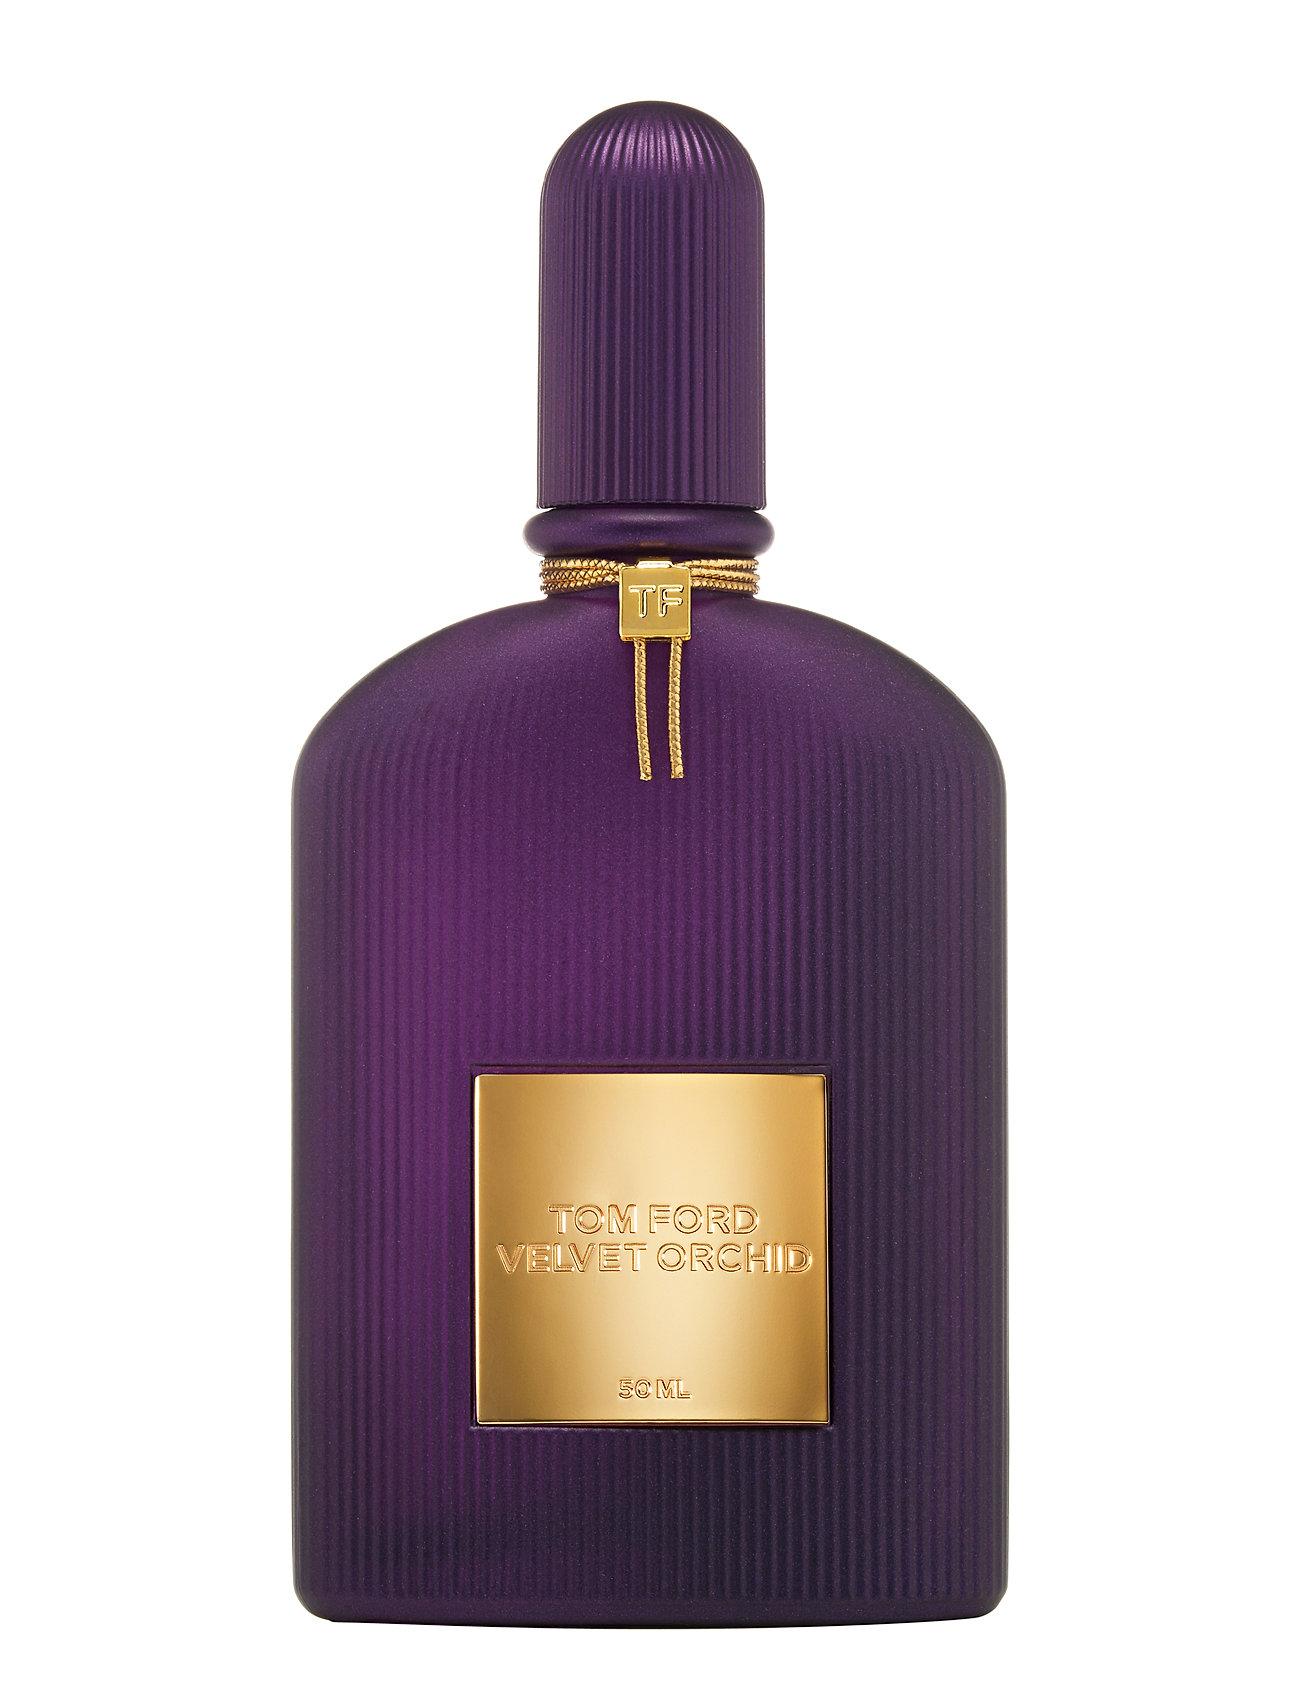 tom ford Velvet orchid lumiã¨re eau de parfum på boozt.com dk